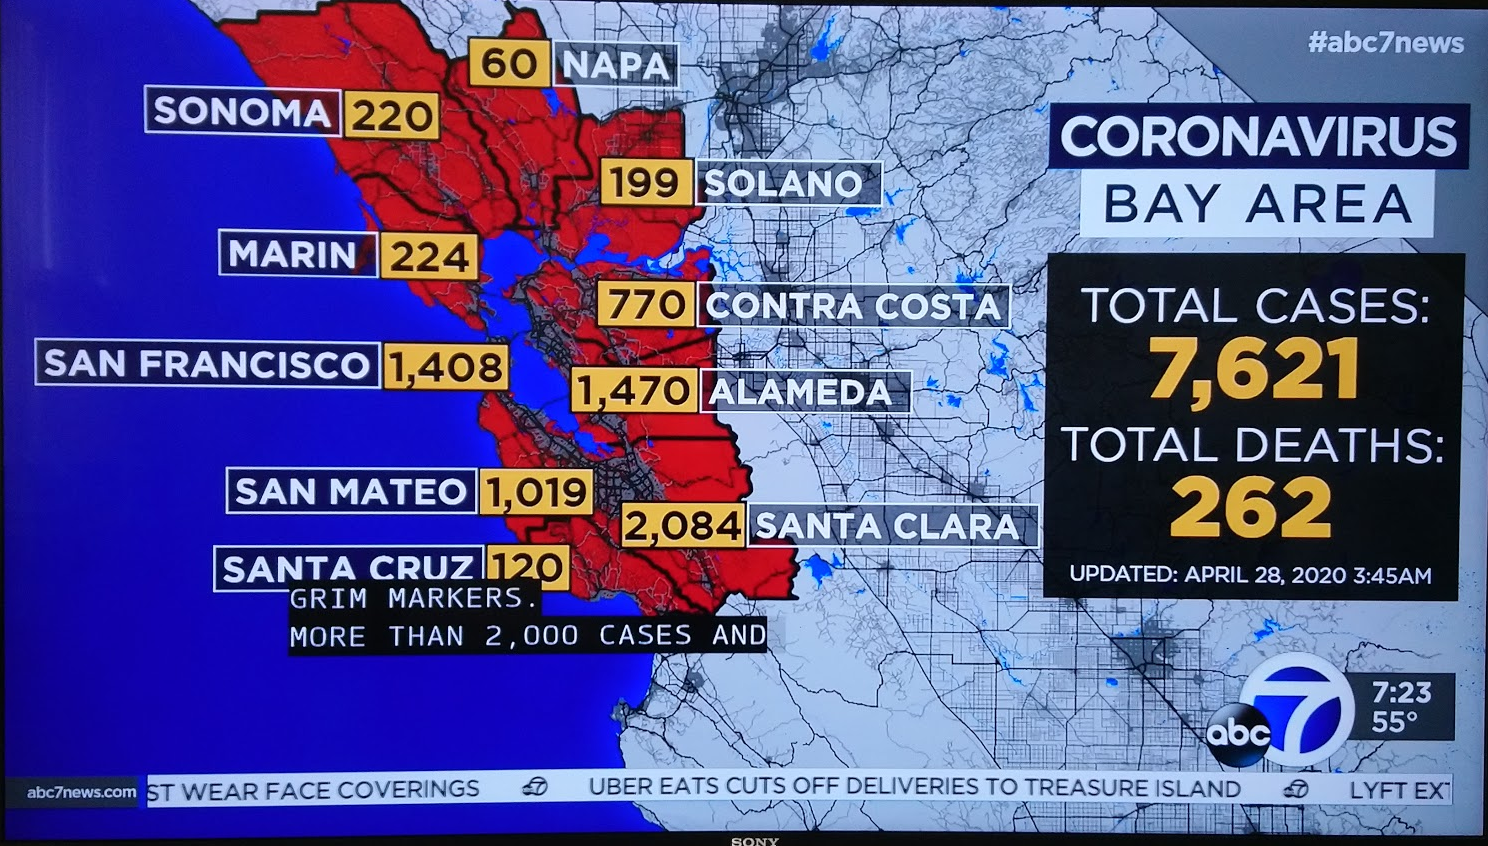 アメリカの新型コロナの状況 2020年04月27日